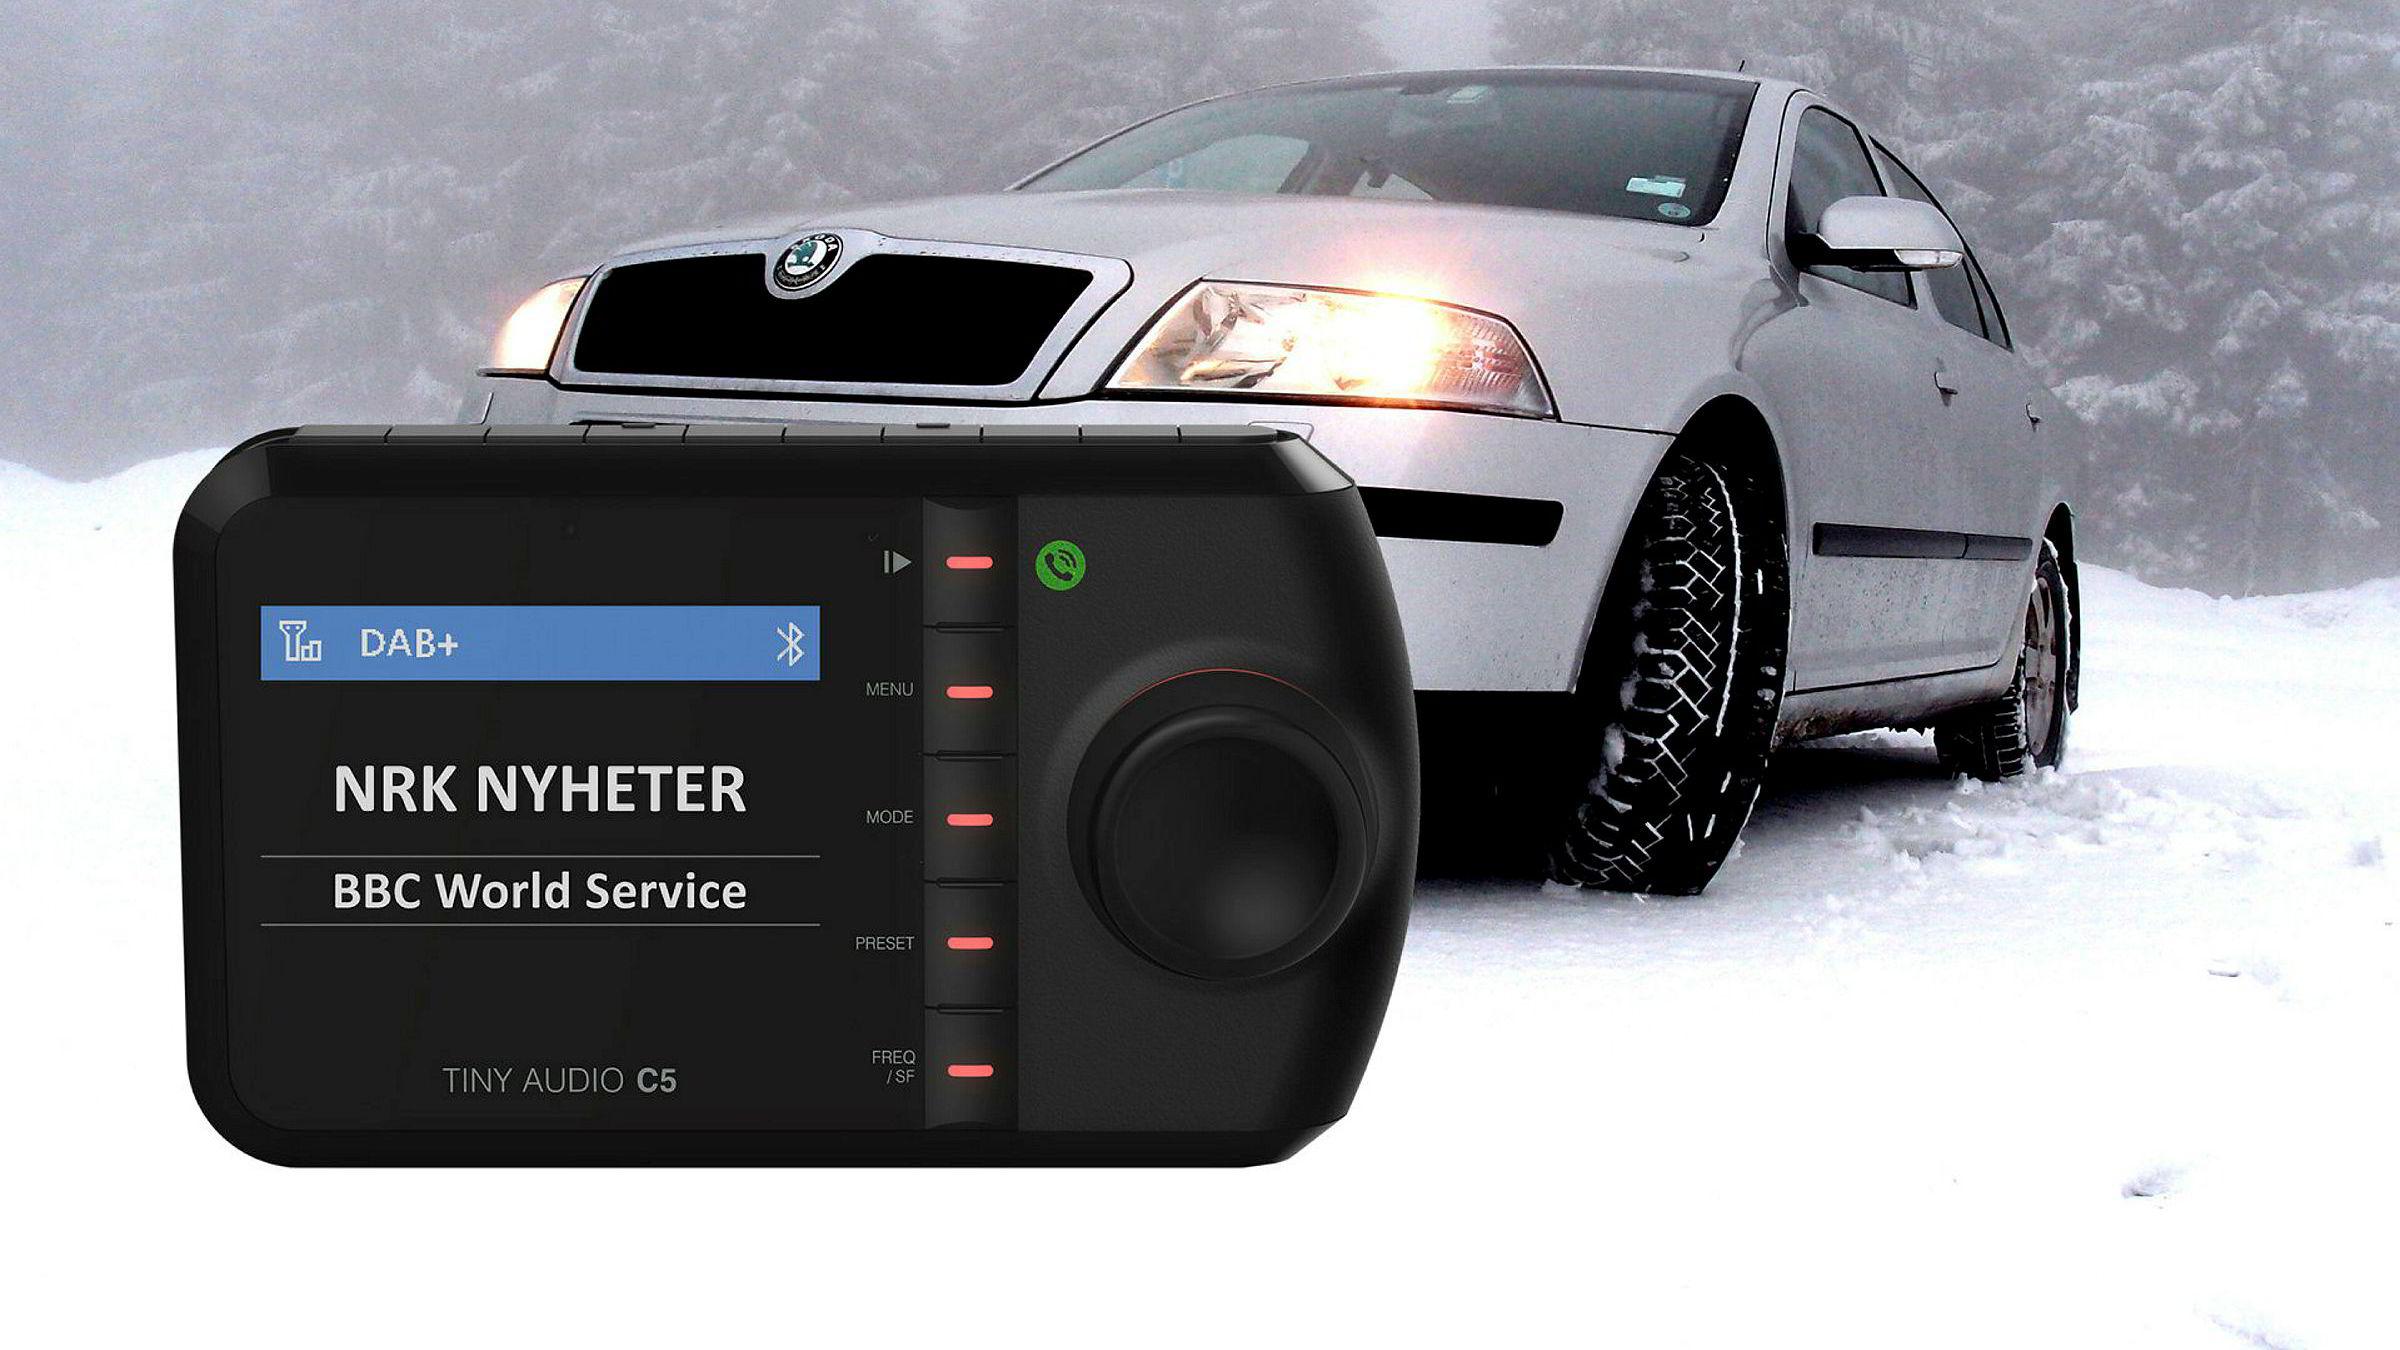 Å få seg dab i bilen kan være både enkelt og rimelig. Men ikke alle produkter har like høy kvalitet.